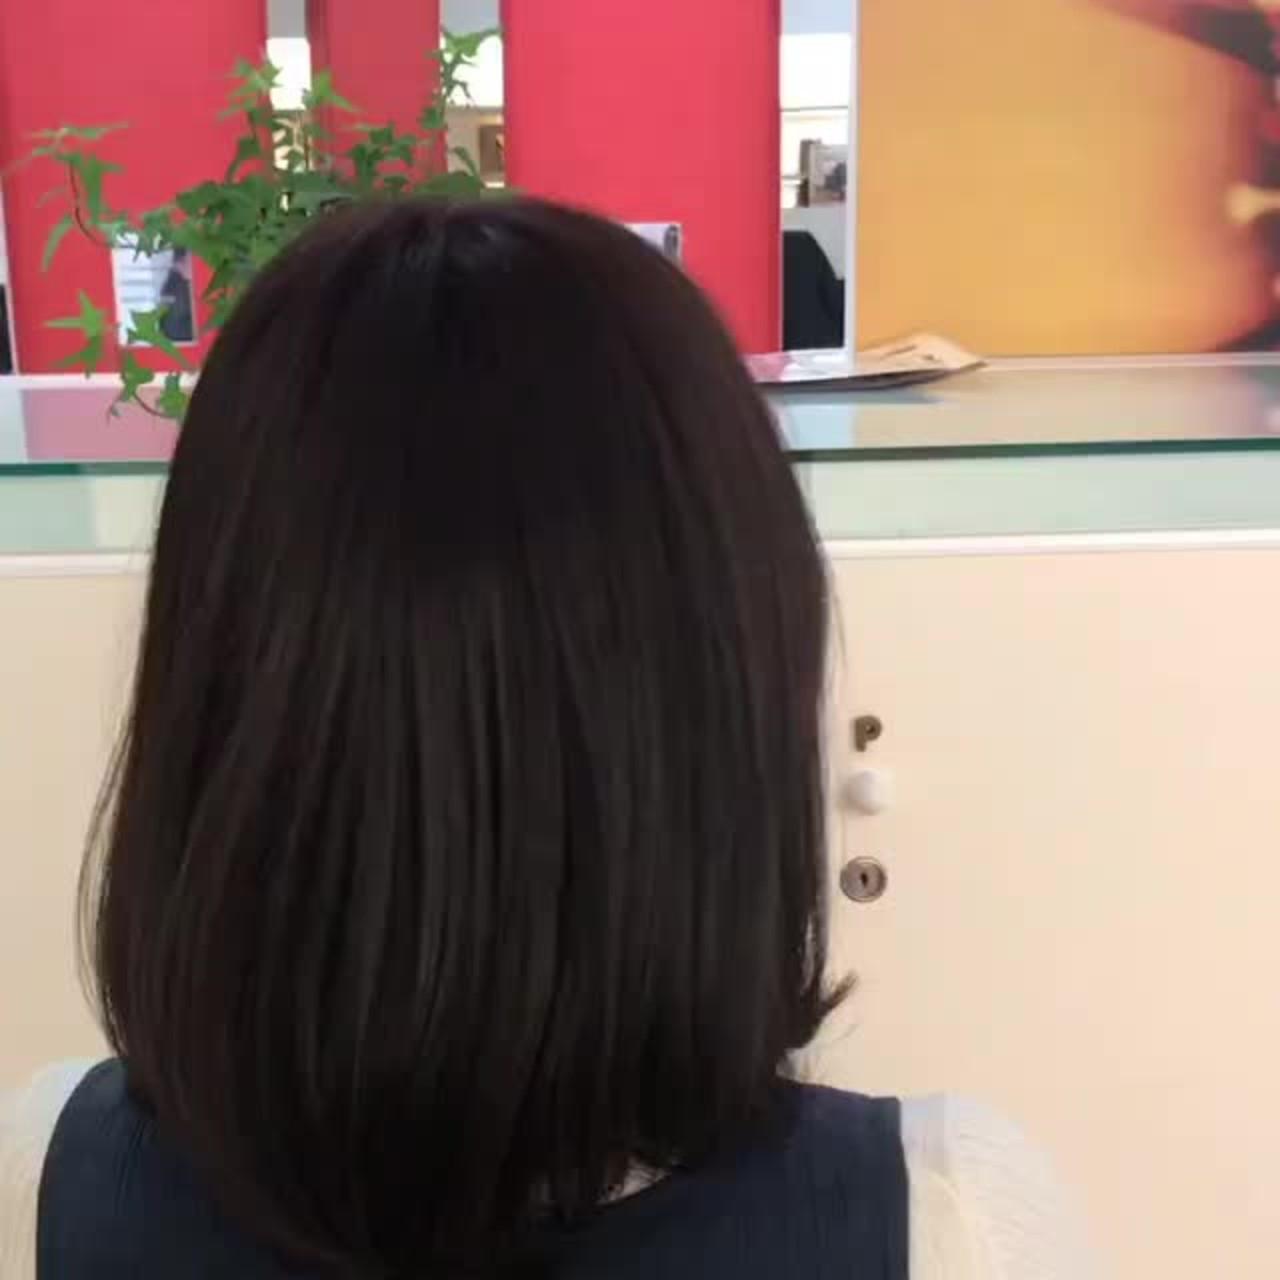 大人女子 バレンタイン ピンクブラウン ナチュラル ヘアスタイルや髪型の写真・画像